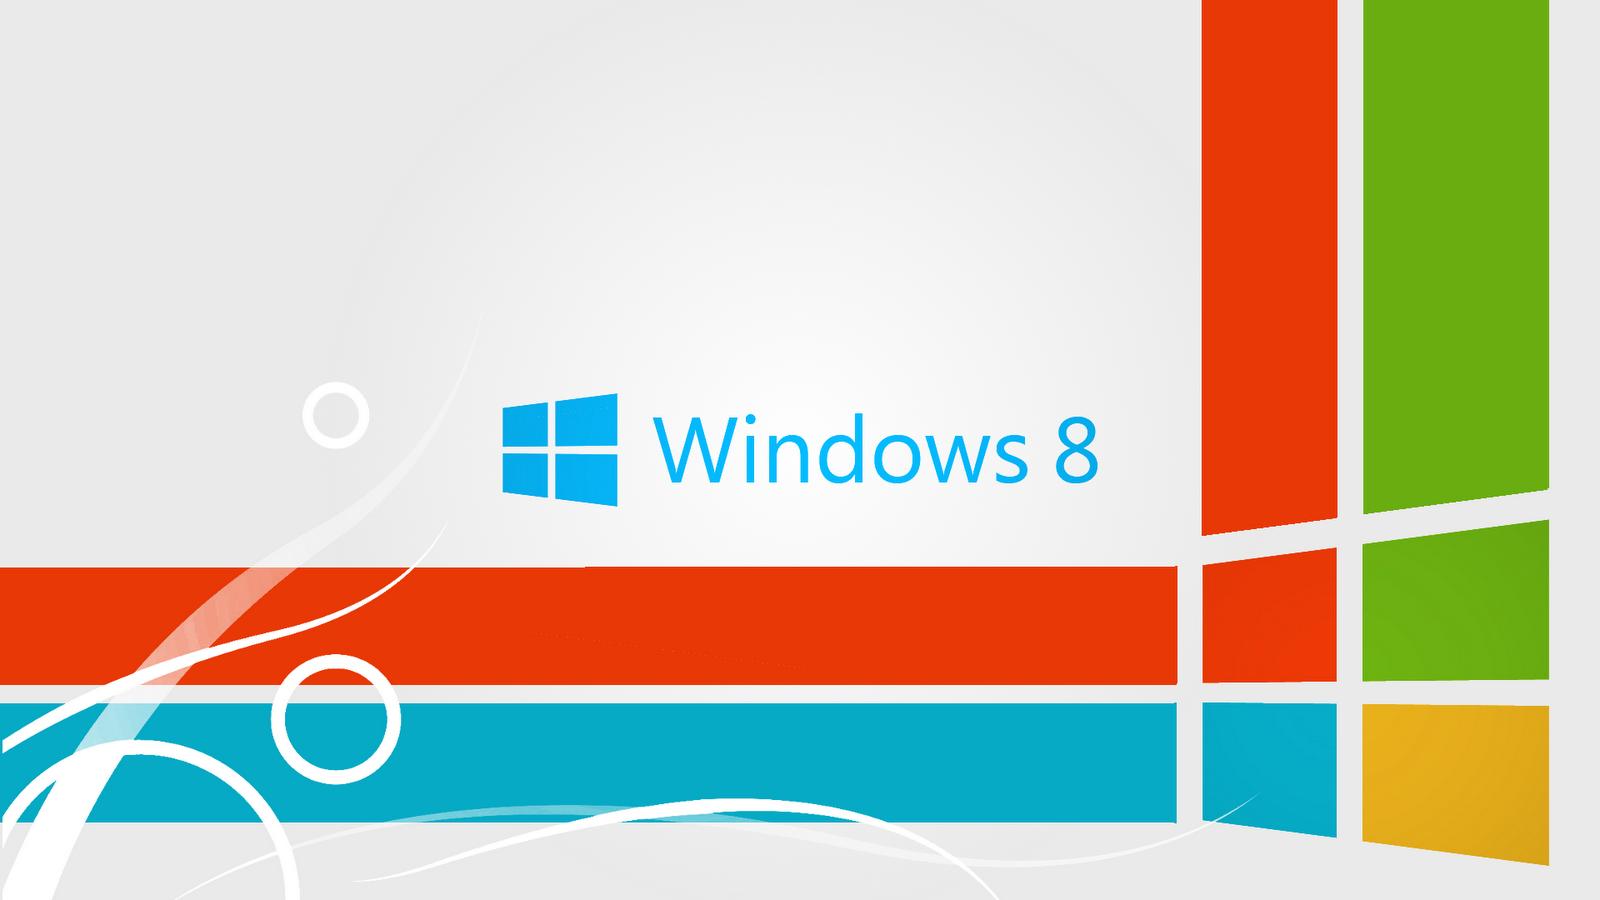 http://2.bp.blogspot.com/-i-E-dFTwLrs/UBO8at_xz8I/AAAAAAAAAbs/XejryARRBfA/s1600/Windows_8_Wallpaper-8.png